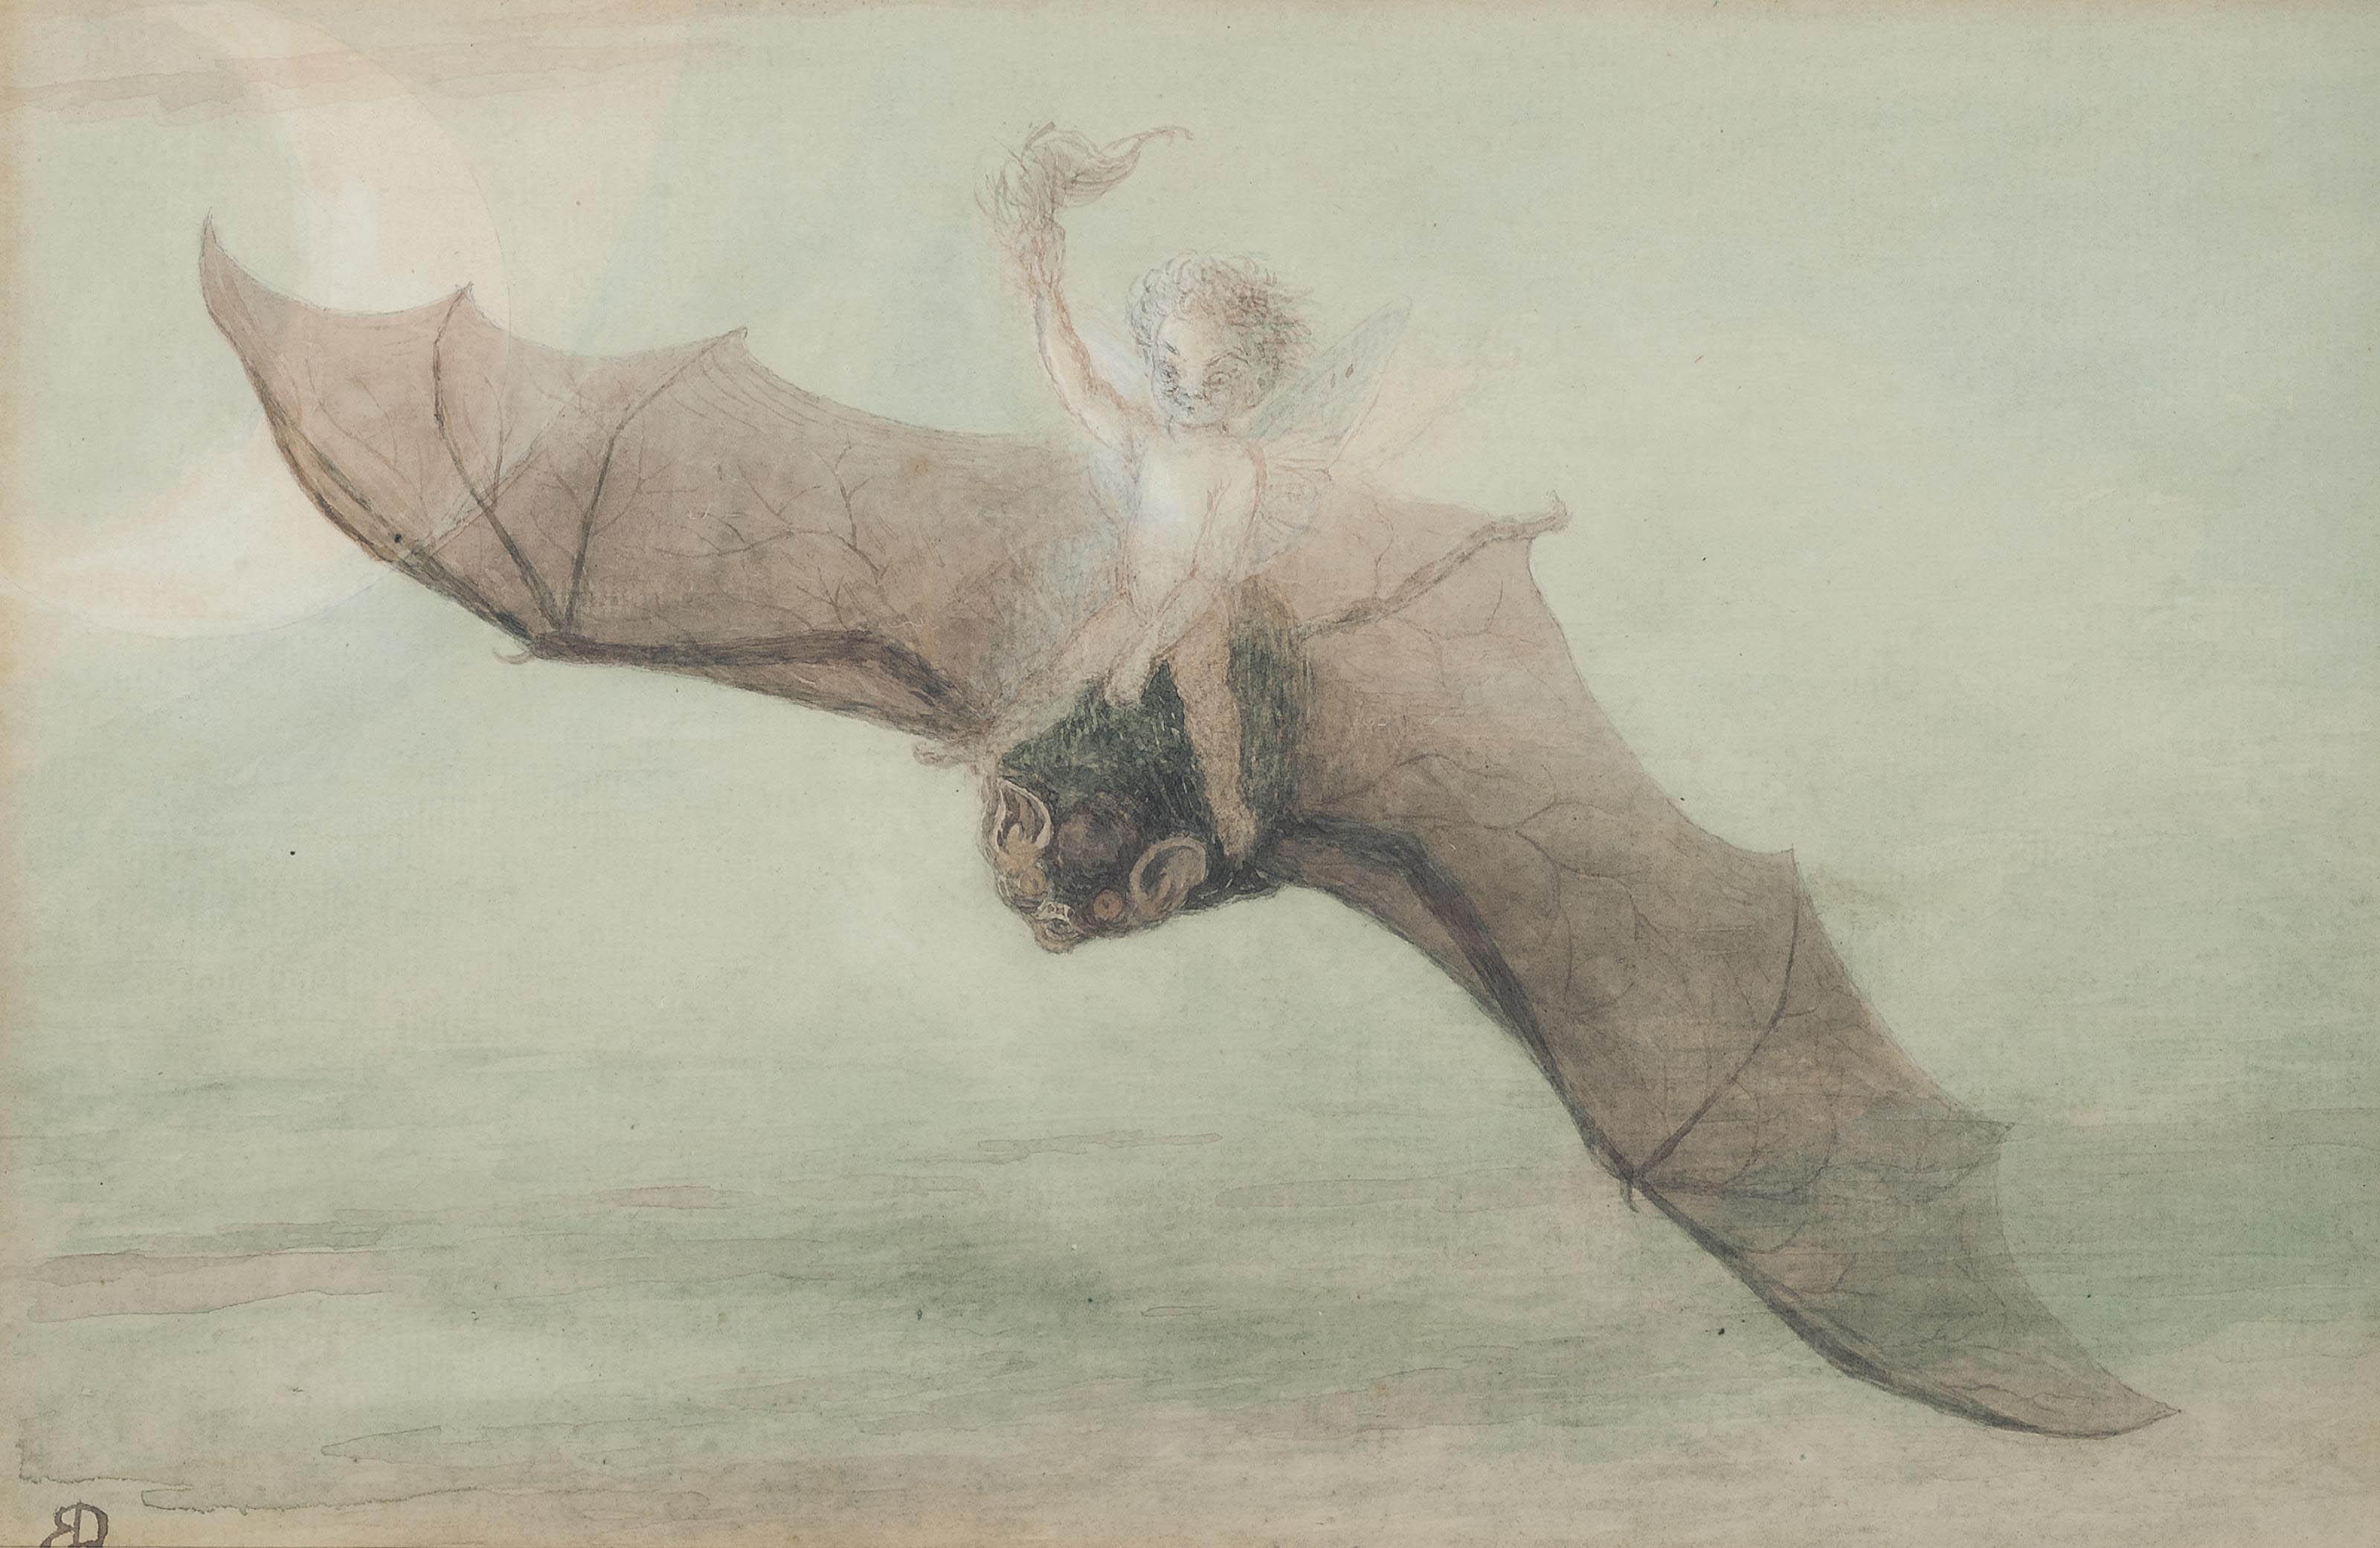 The fairy's flight